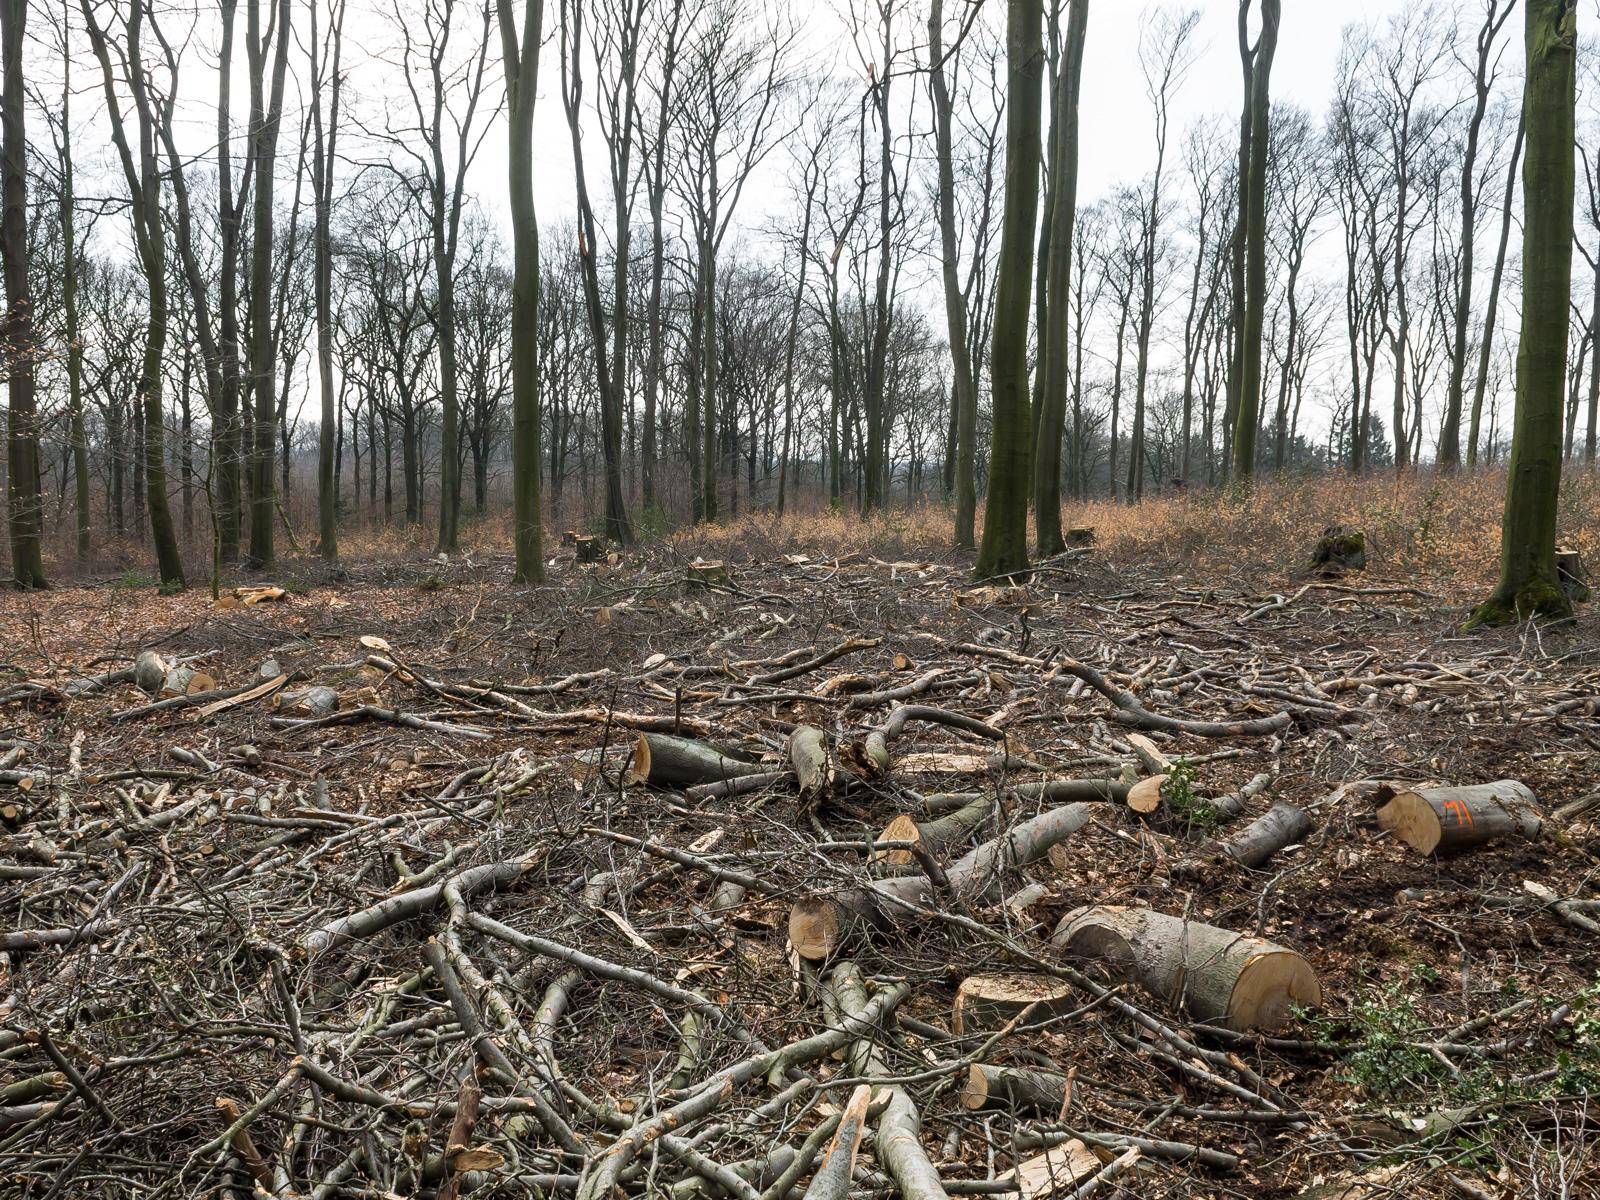 Kahlgeschlagene Fläche, 6 Baumstümpfe, aber keine jungen Buchen im Vordergrund